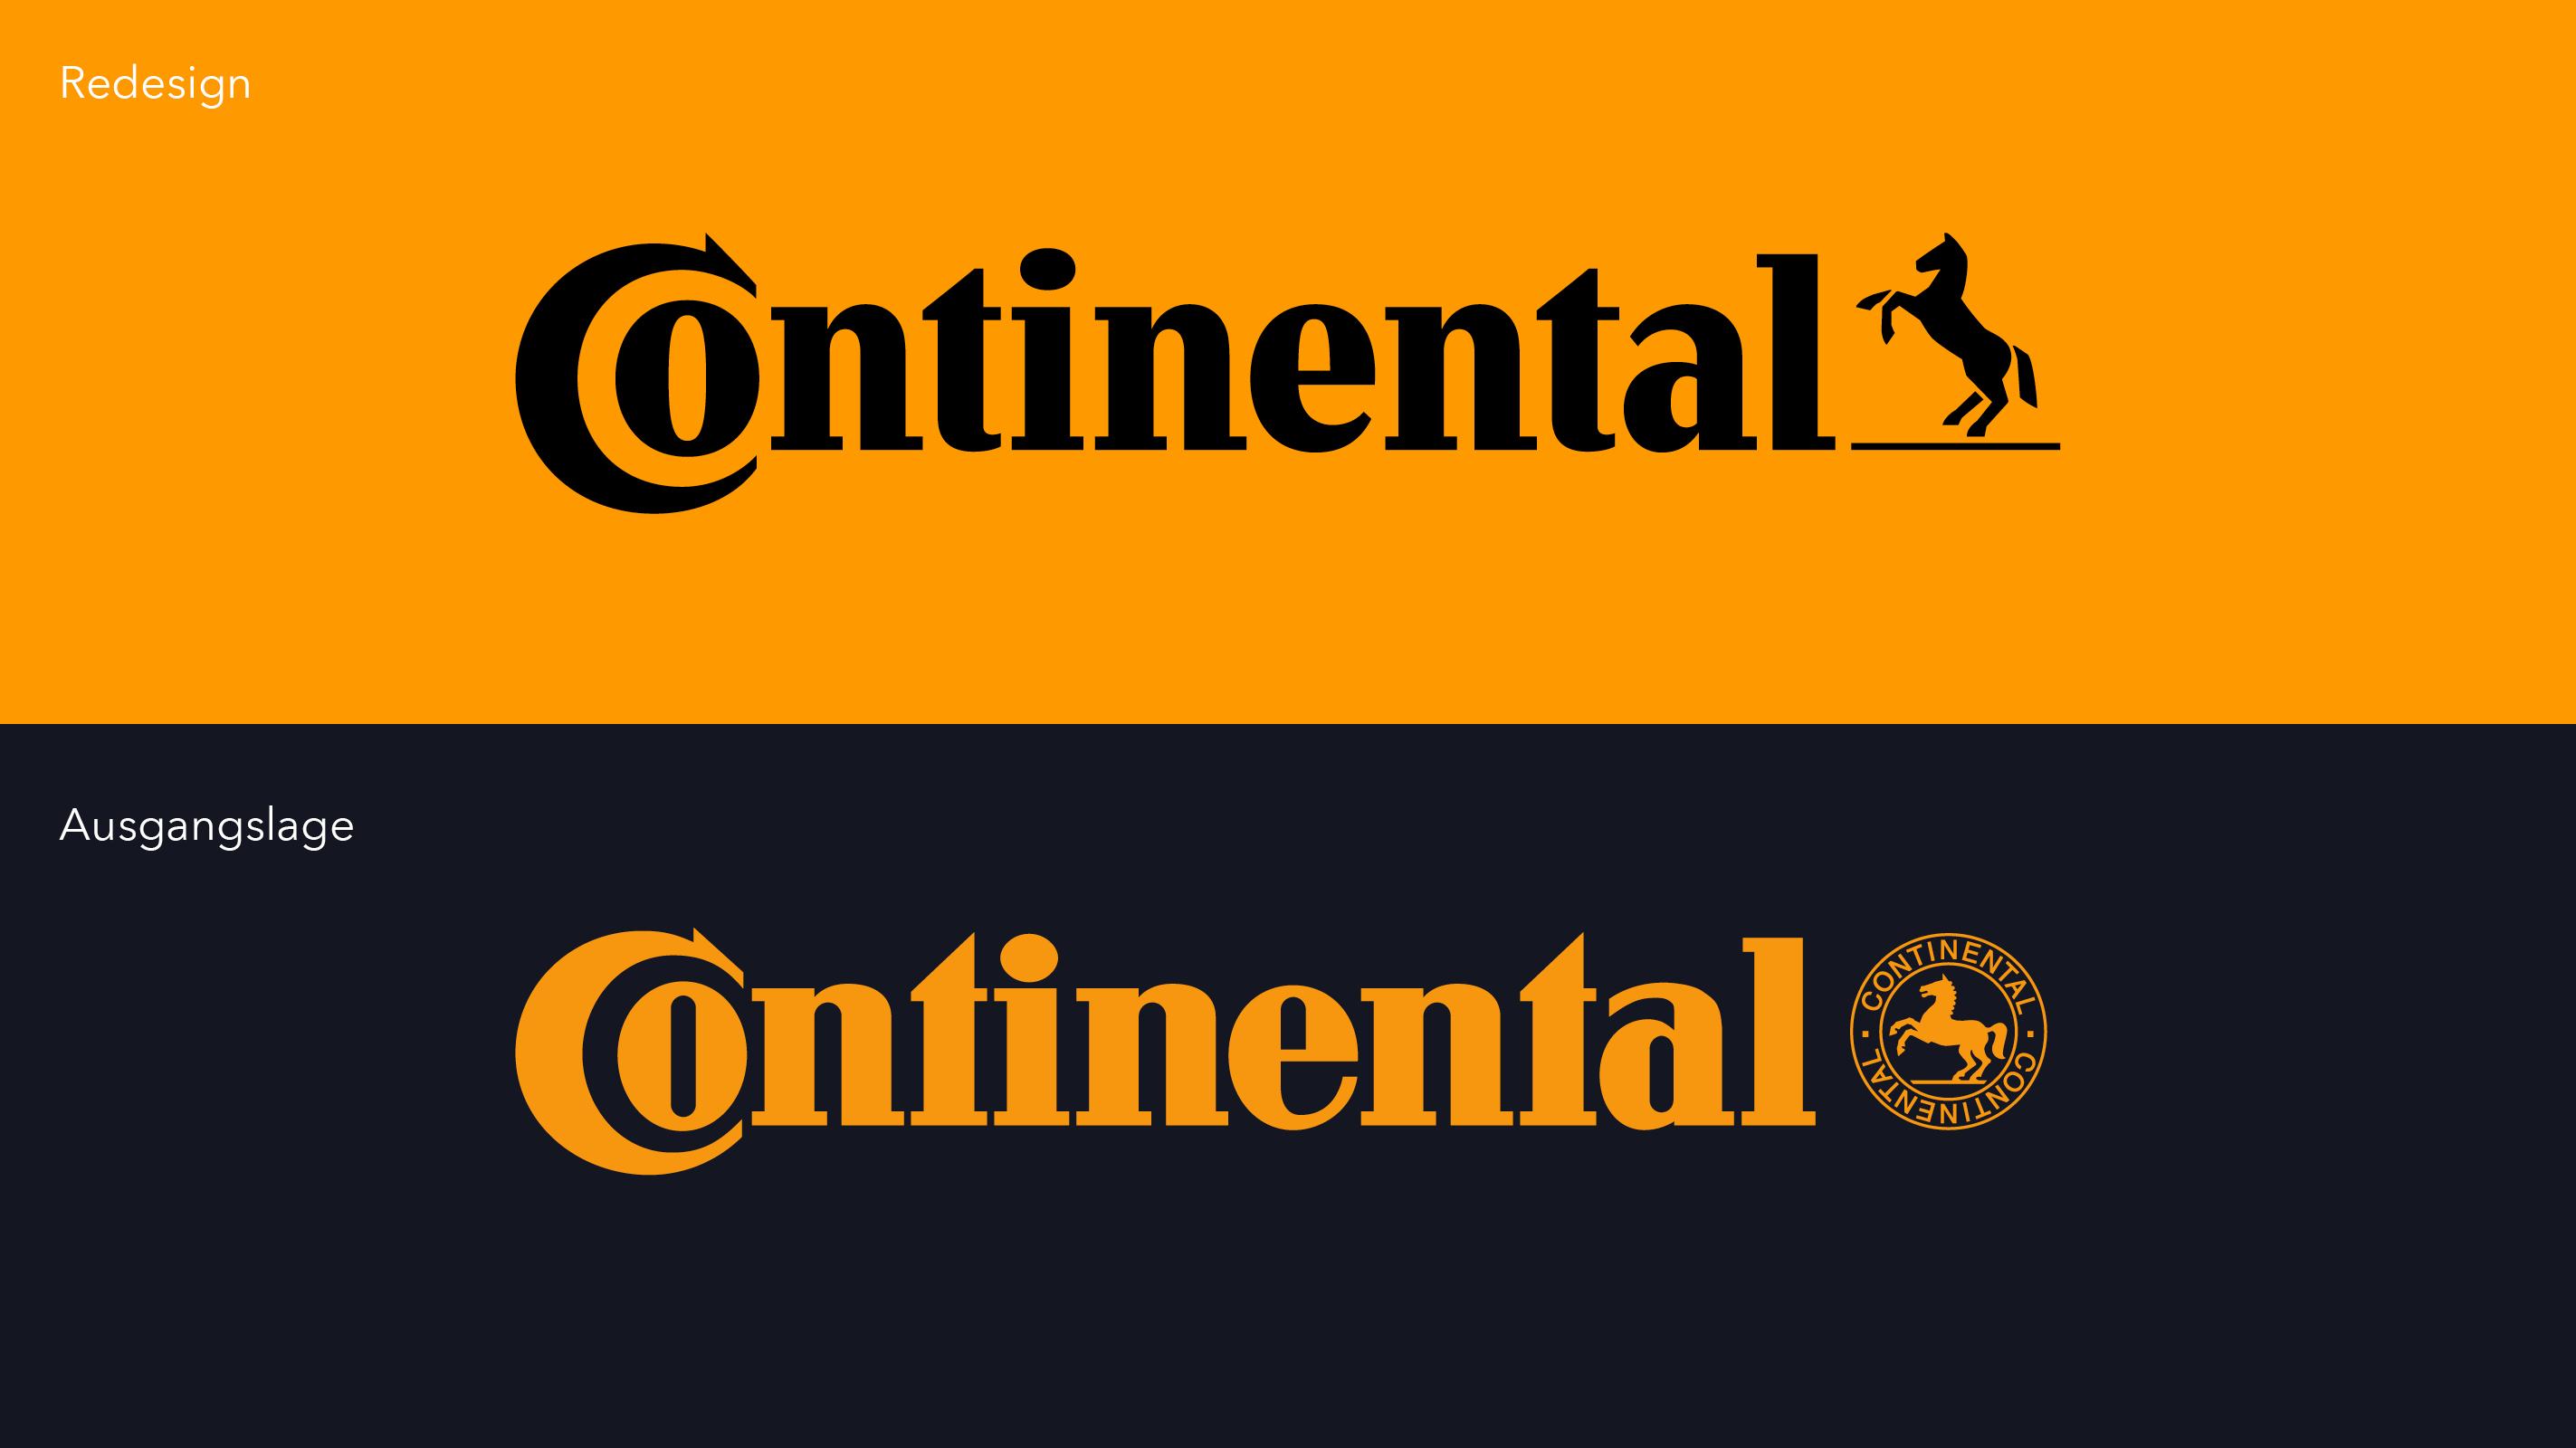 Continental Rebranding – Poarangan Brand Design